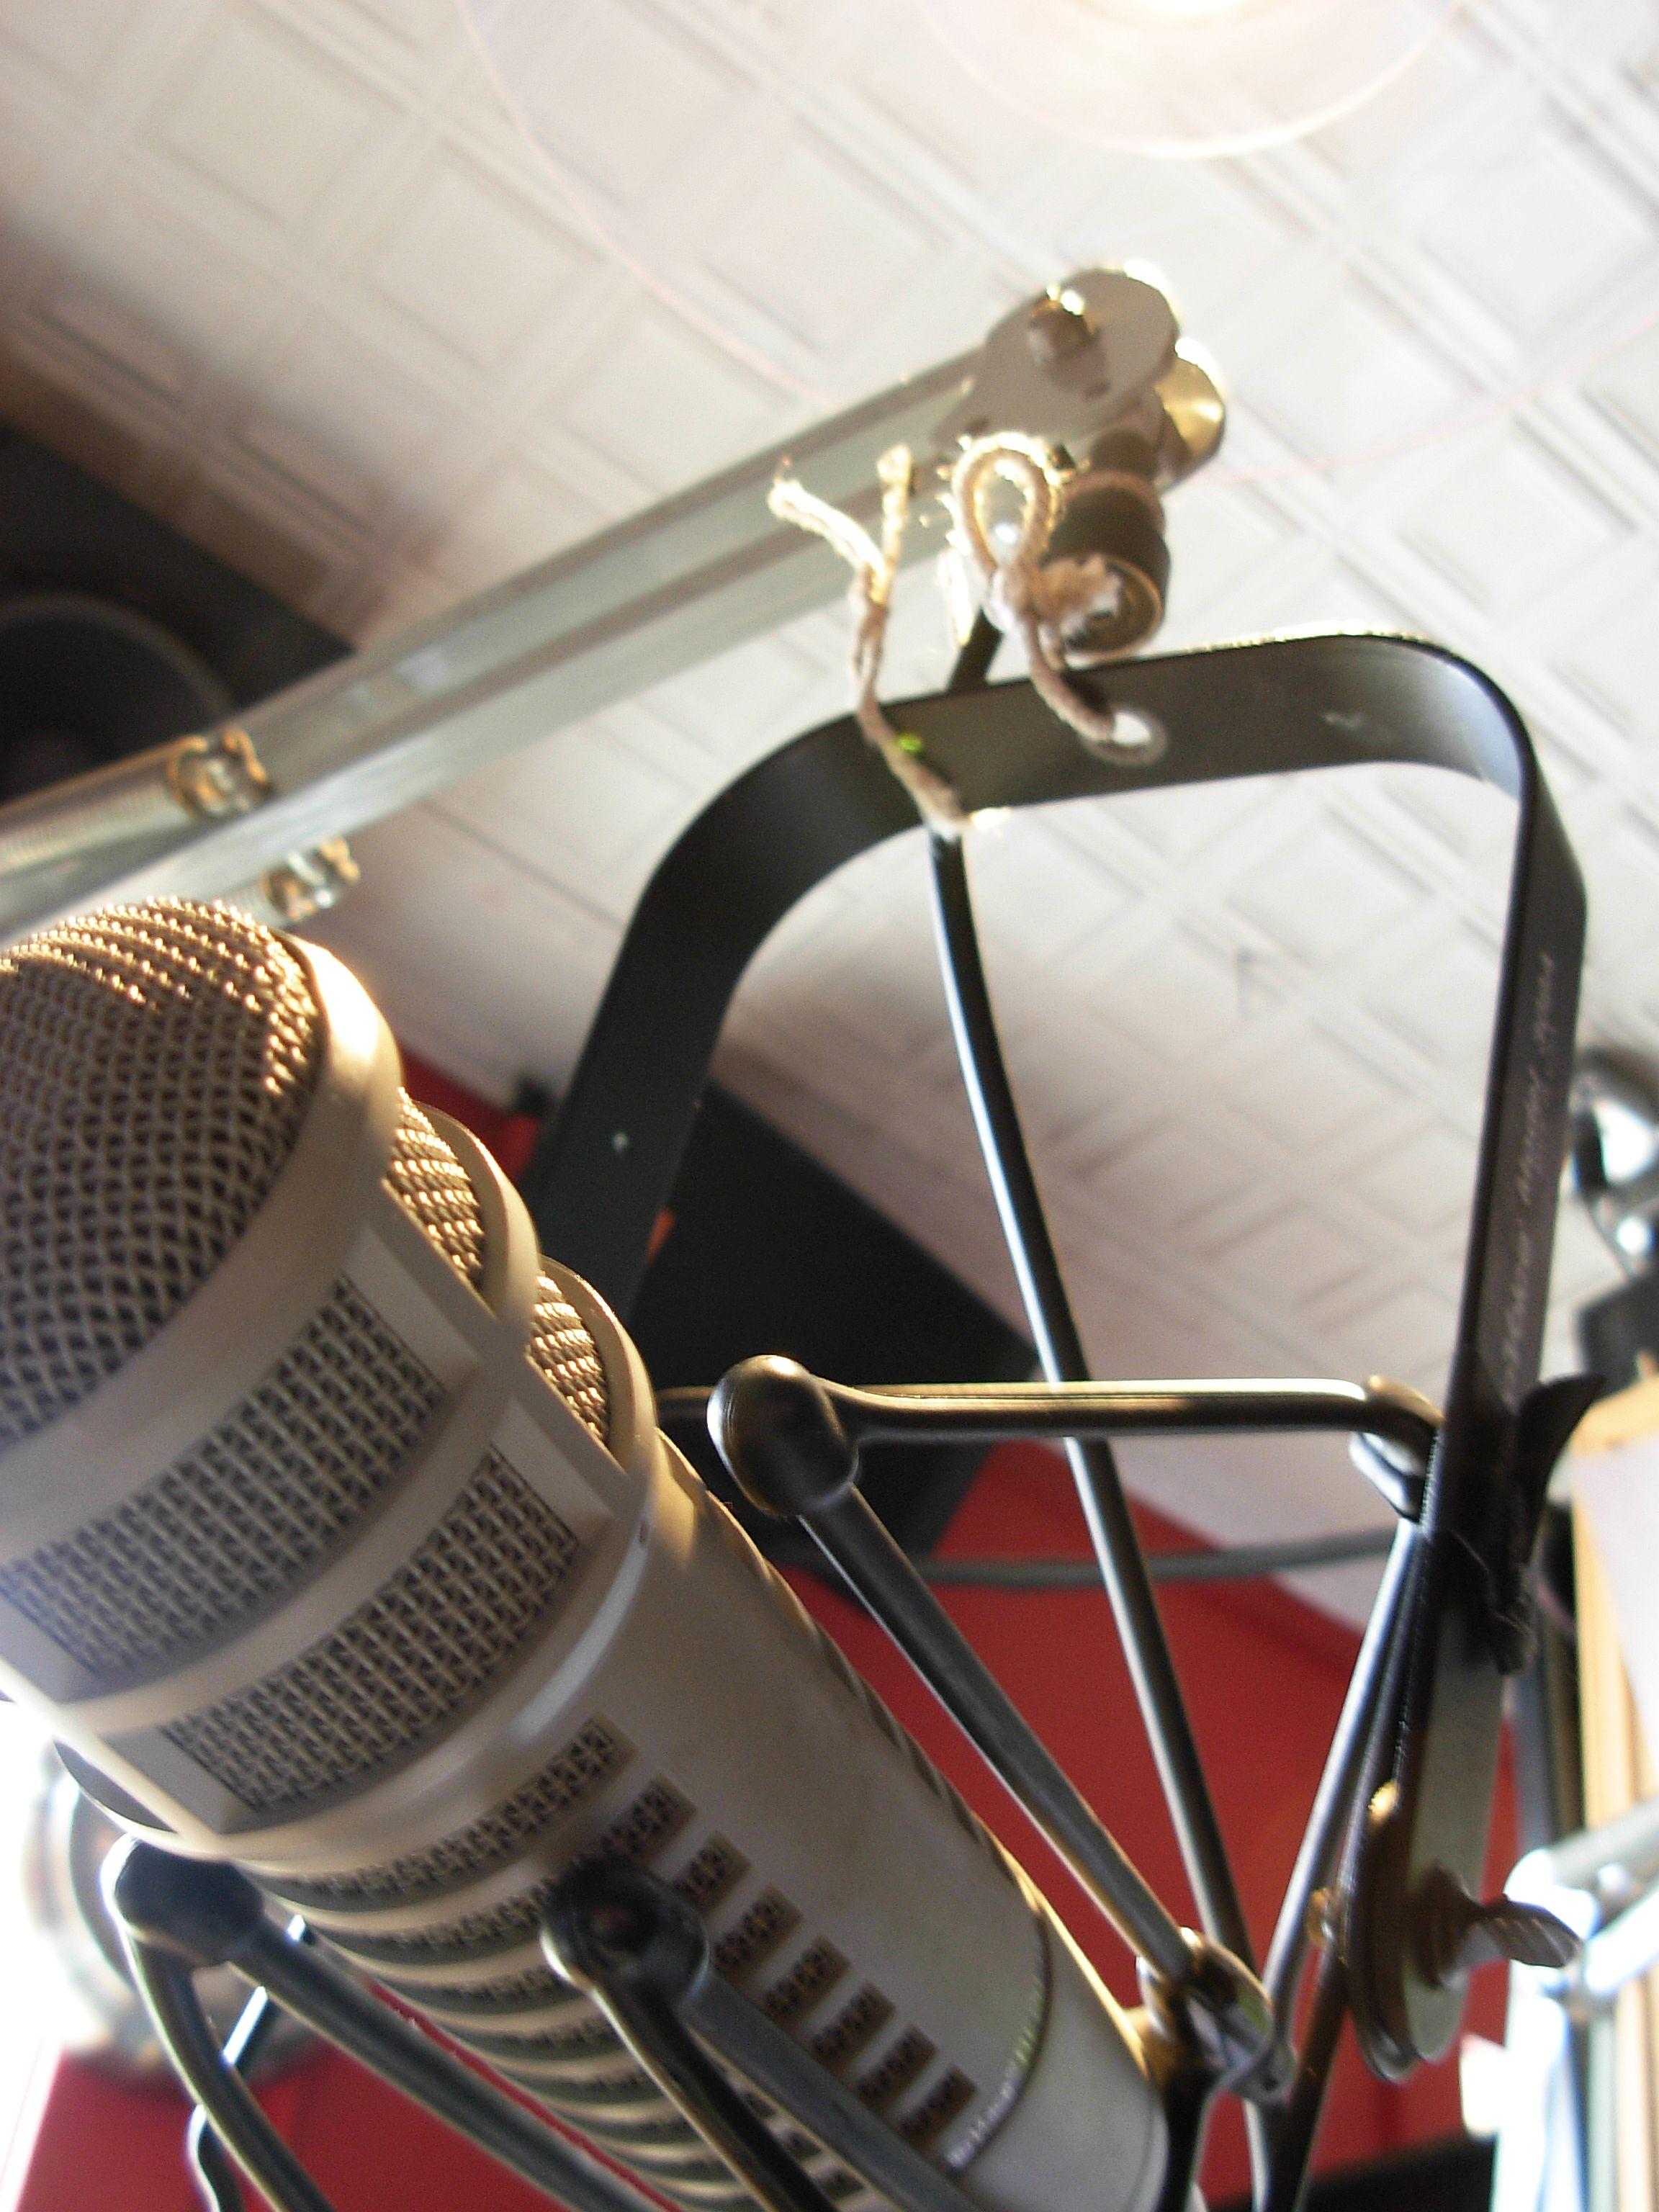 @ the Radiator: impromptu mic repair